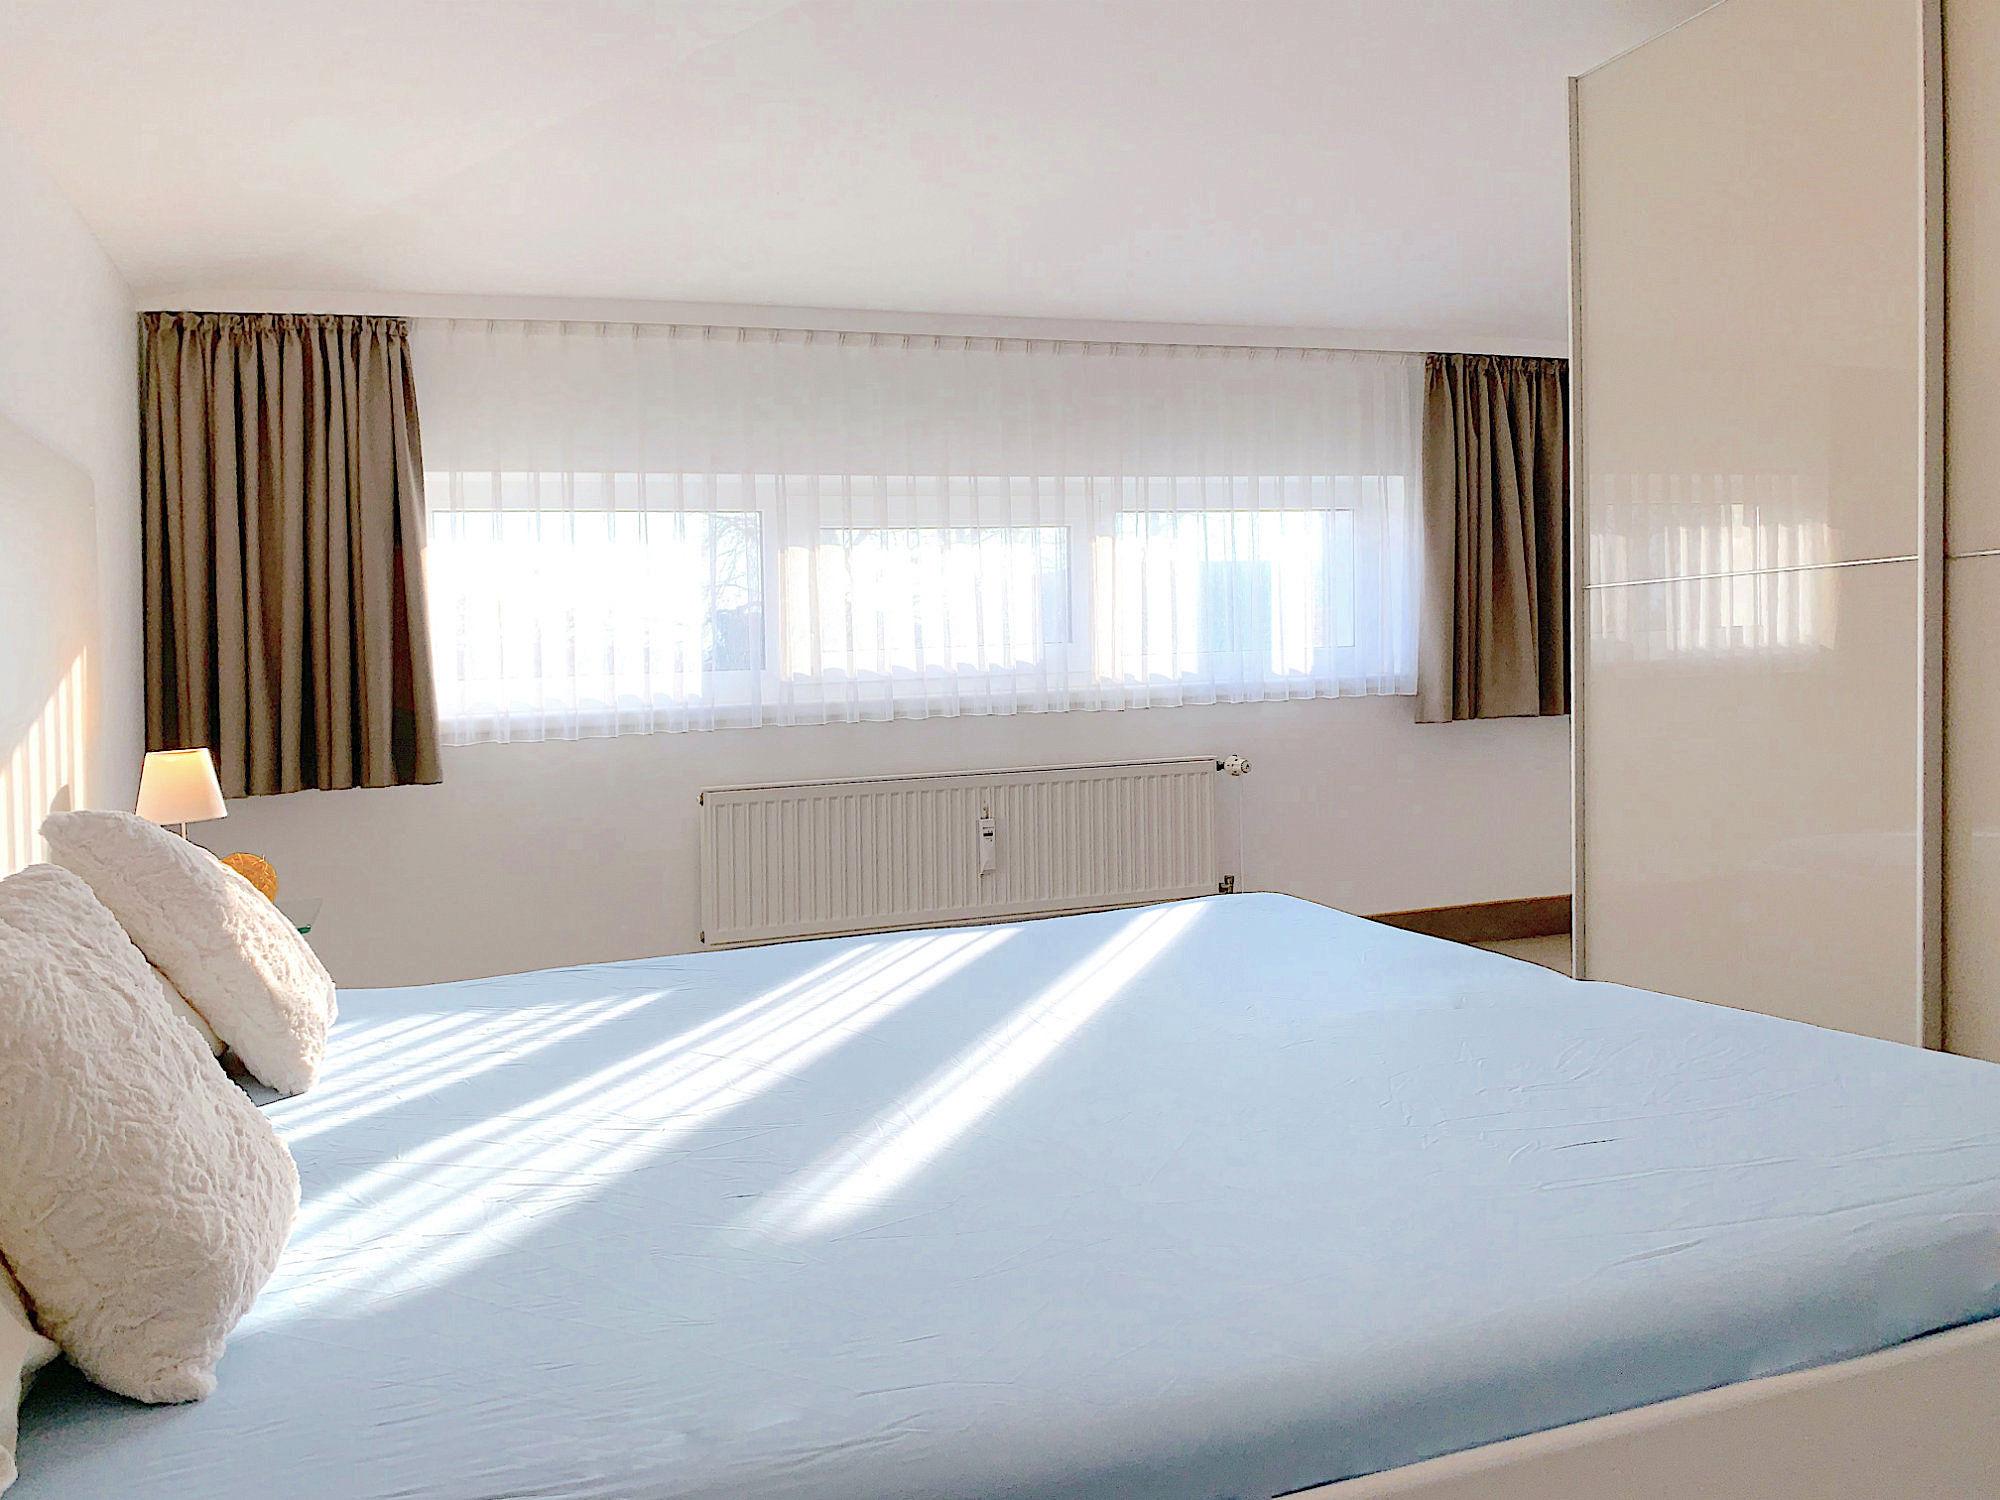 Schlafzimmer mit Doppelbett, dahinter ein langgestrecktes Fenster